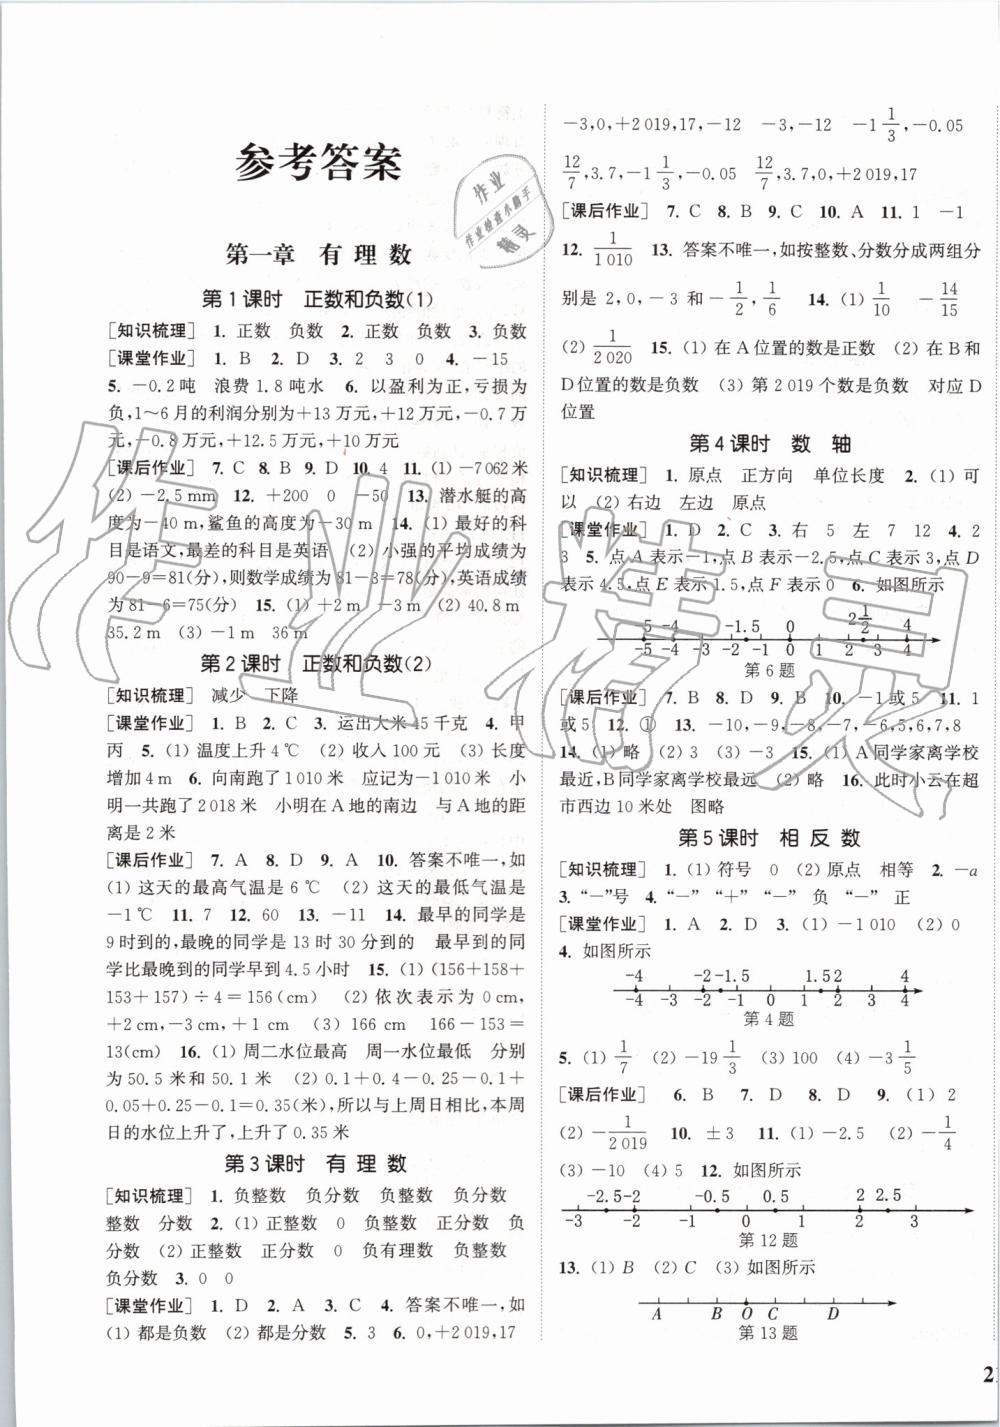 2019年通城学典课时作业本七年级数学上册人教版第1页